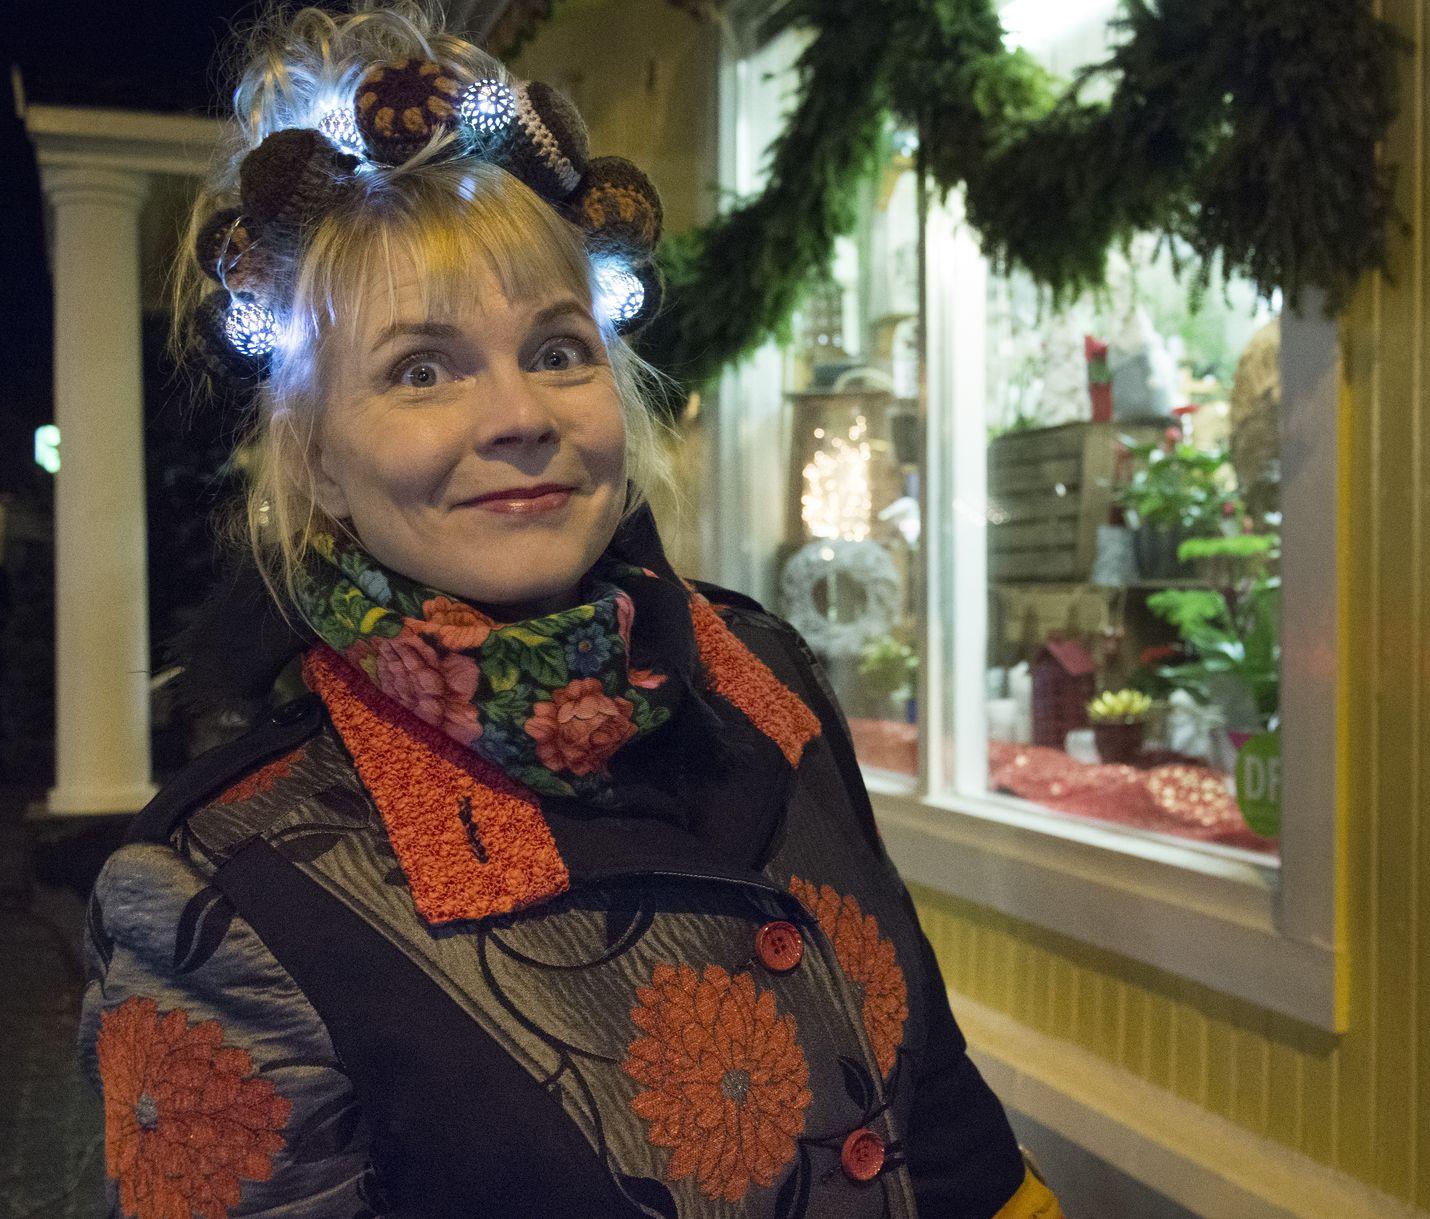 joulu 2018 lappi Lappi valaistiin joulun odotukseen joulu 2018 lappi